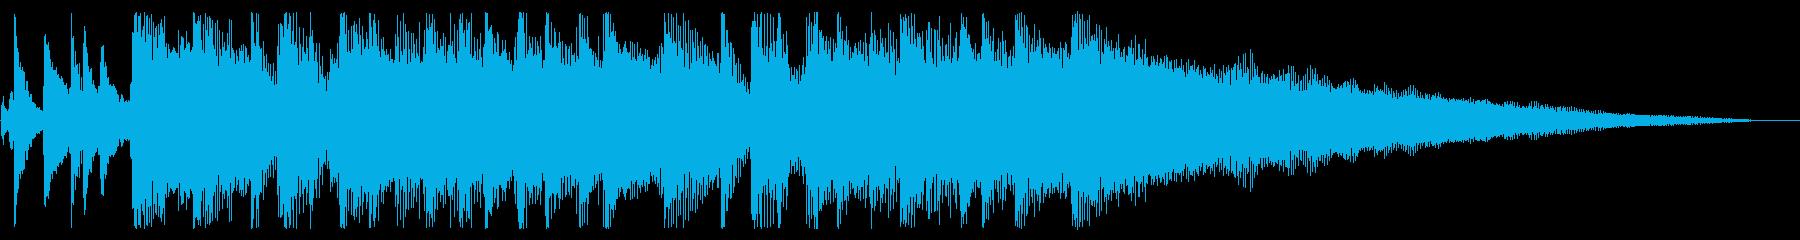 【気分一新1】の再生済みの波形